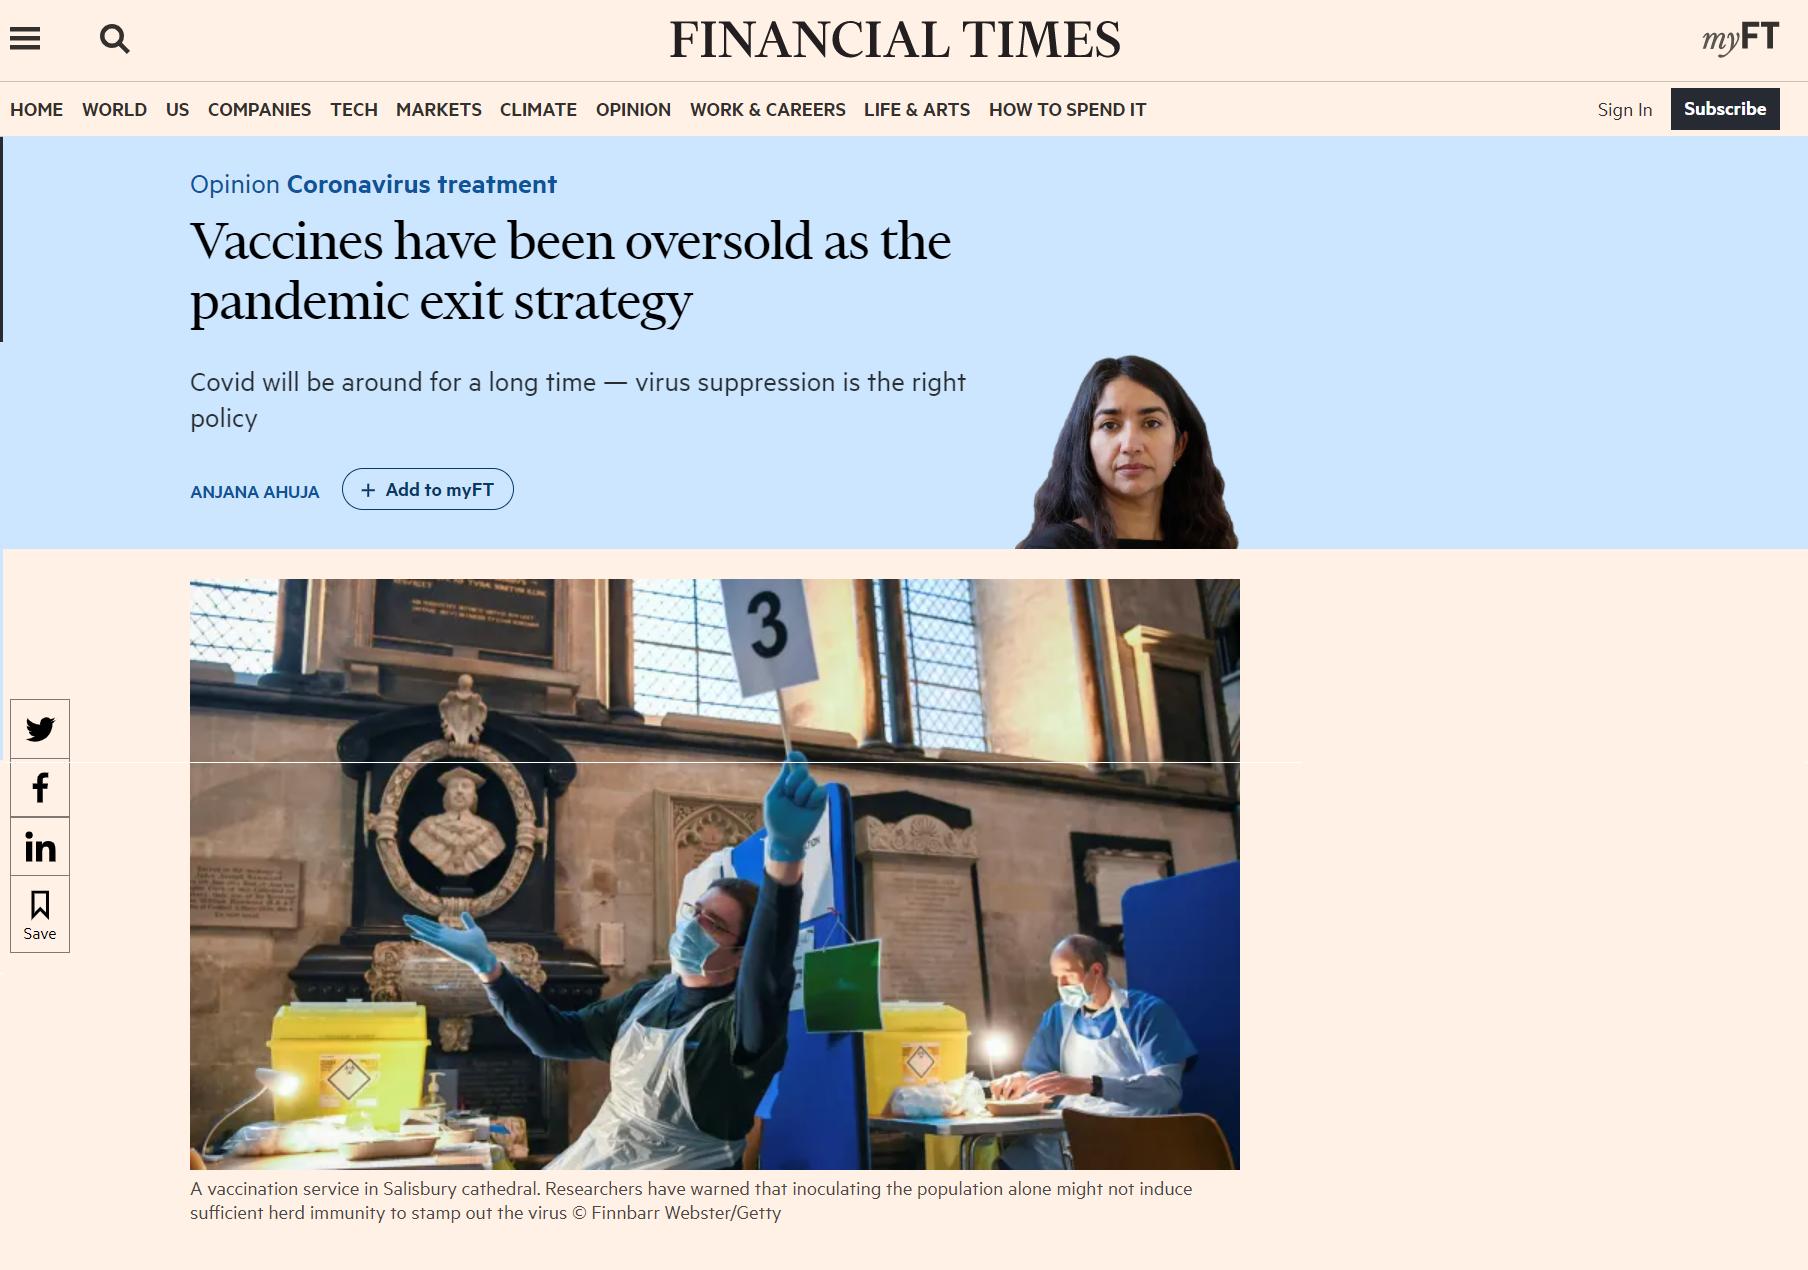 Este es el artículo que se publicó en el Financial Times